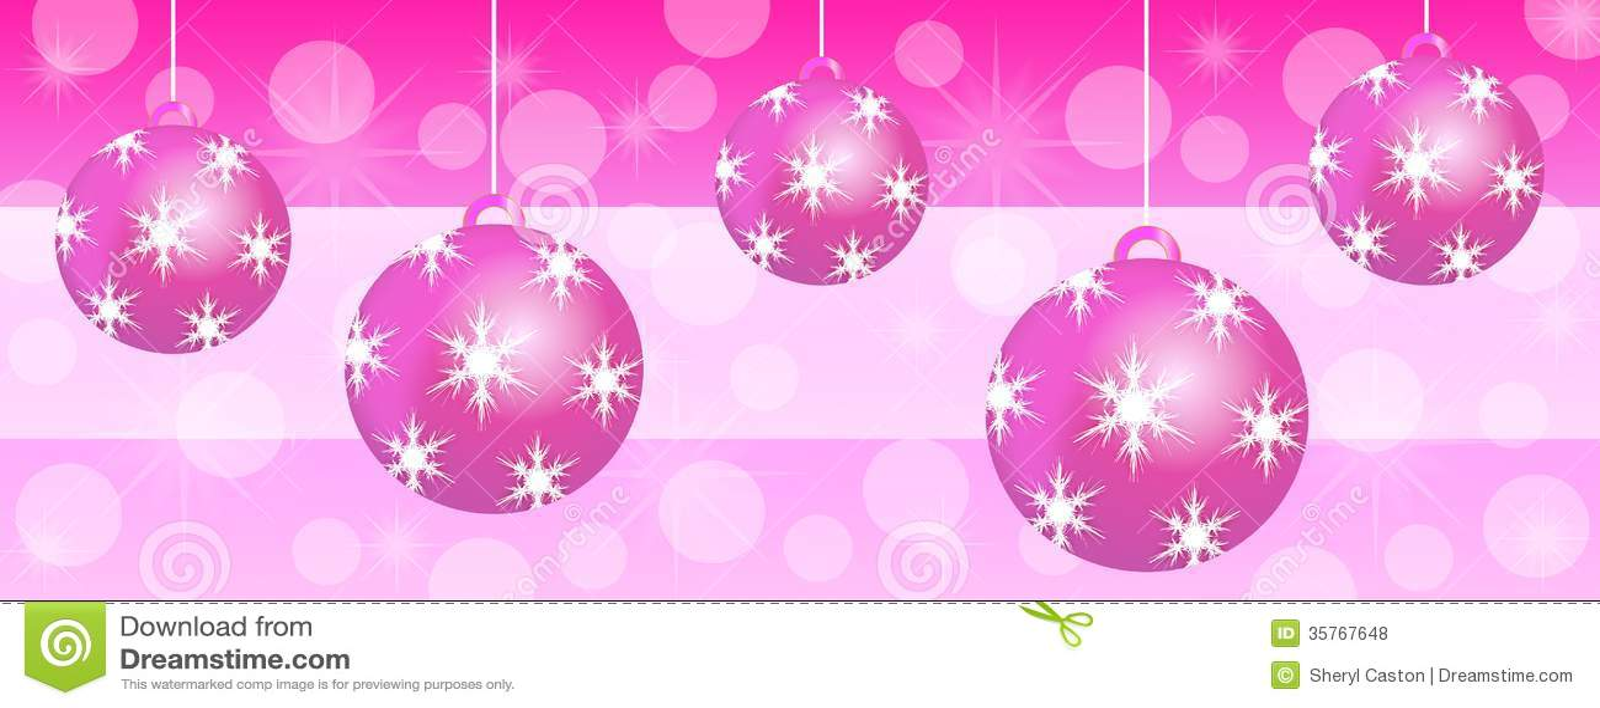 Decorations De Noel En Fushia